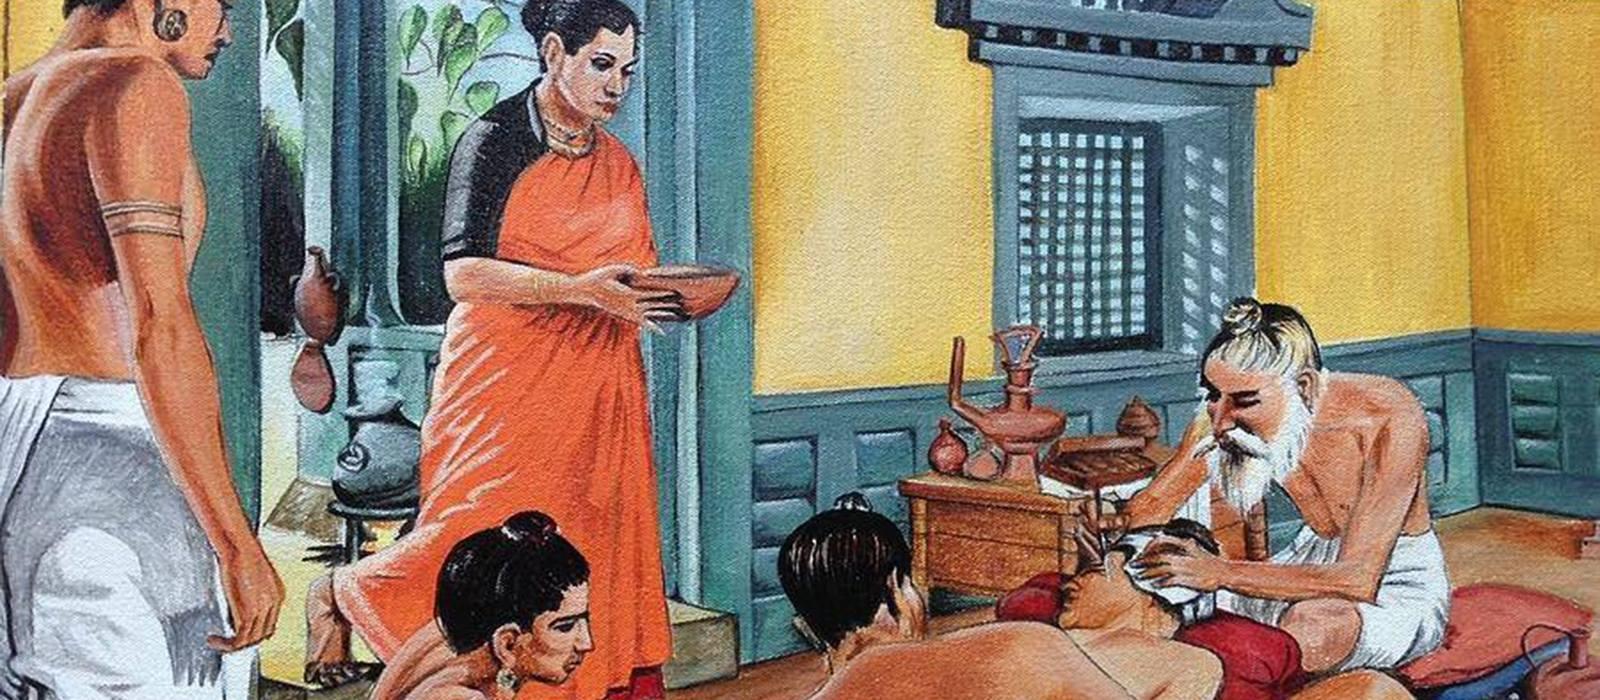 【REPROT】古代のDIYバイオ:アーユルヴェーダWS ~ インド医療の生命観と物質観を学ぶ ~  【1】基礎編